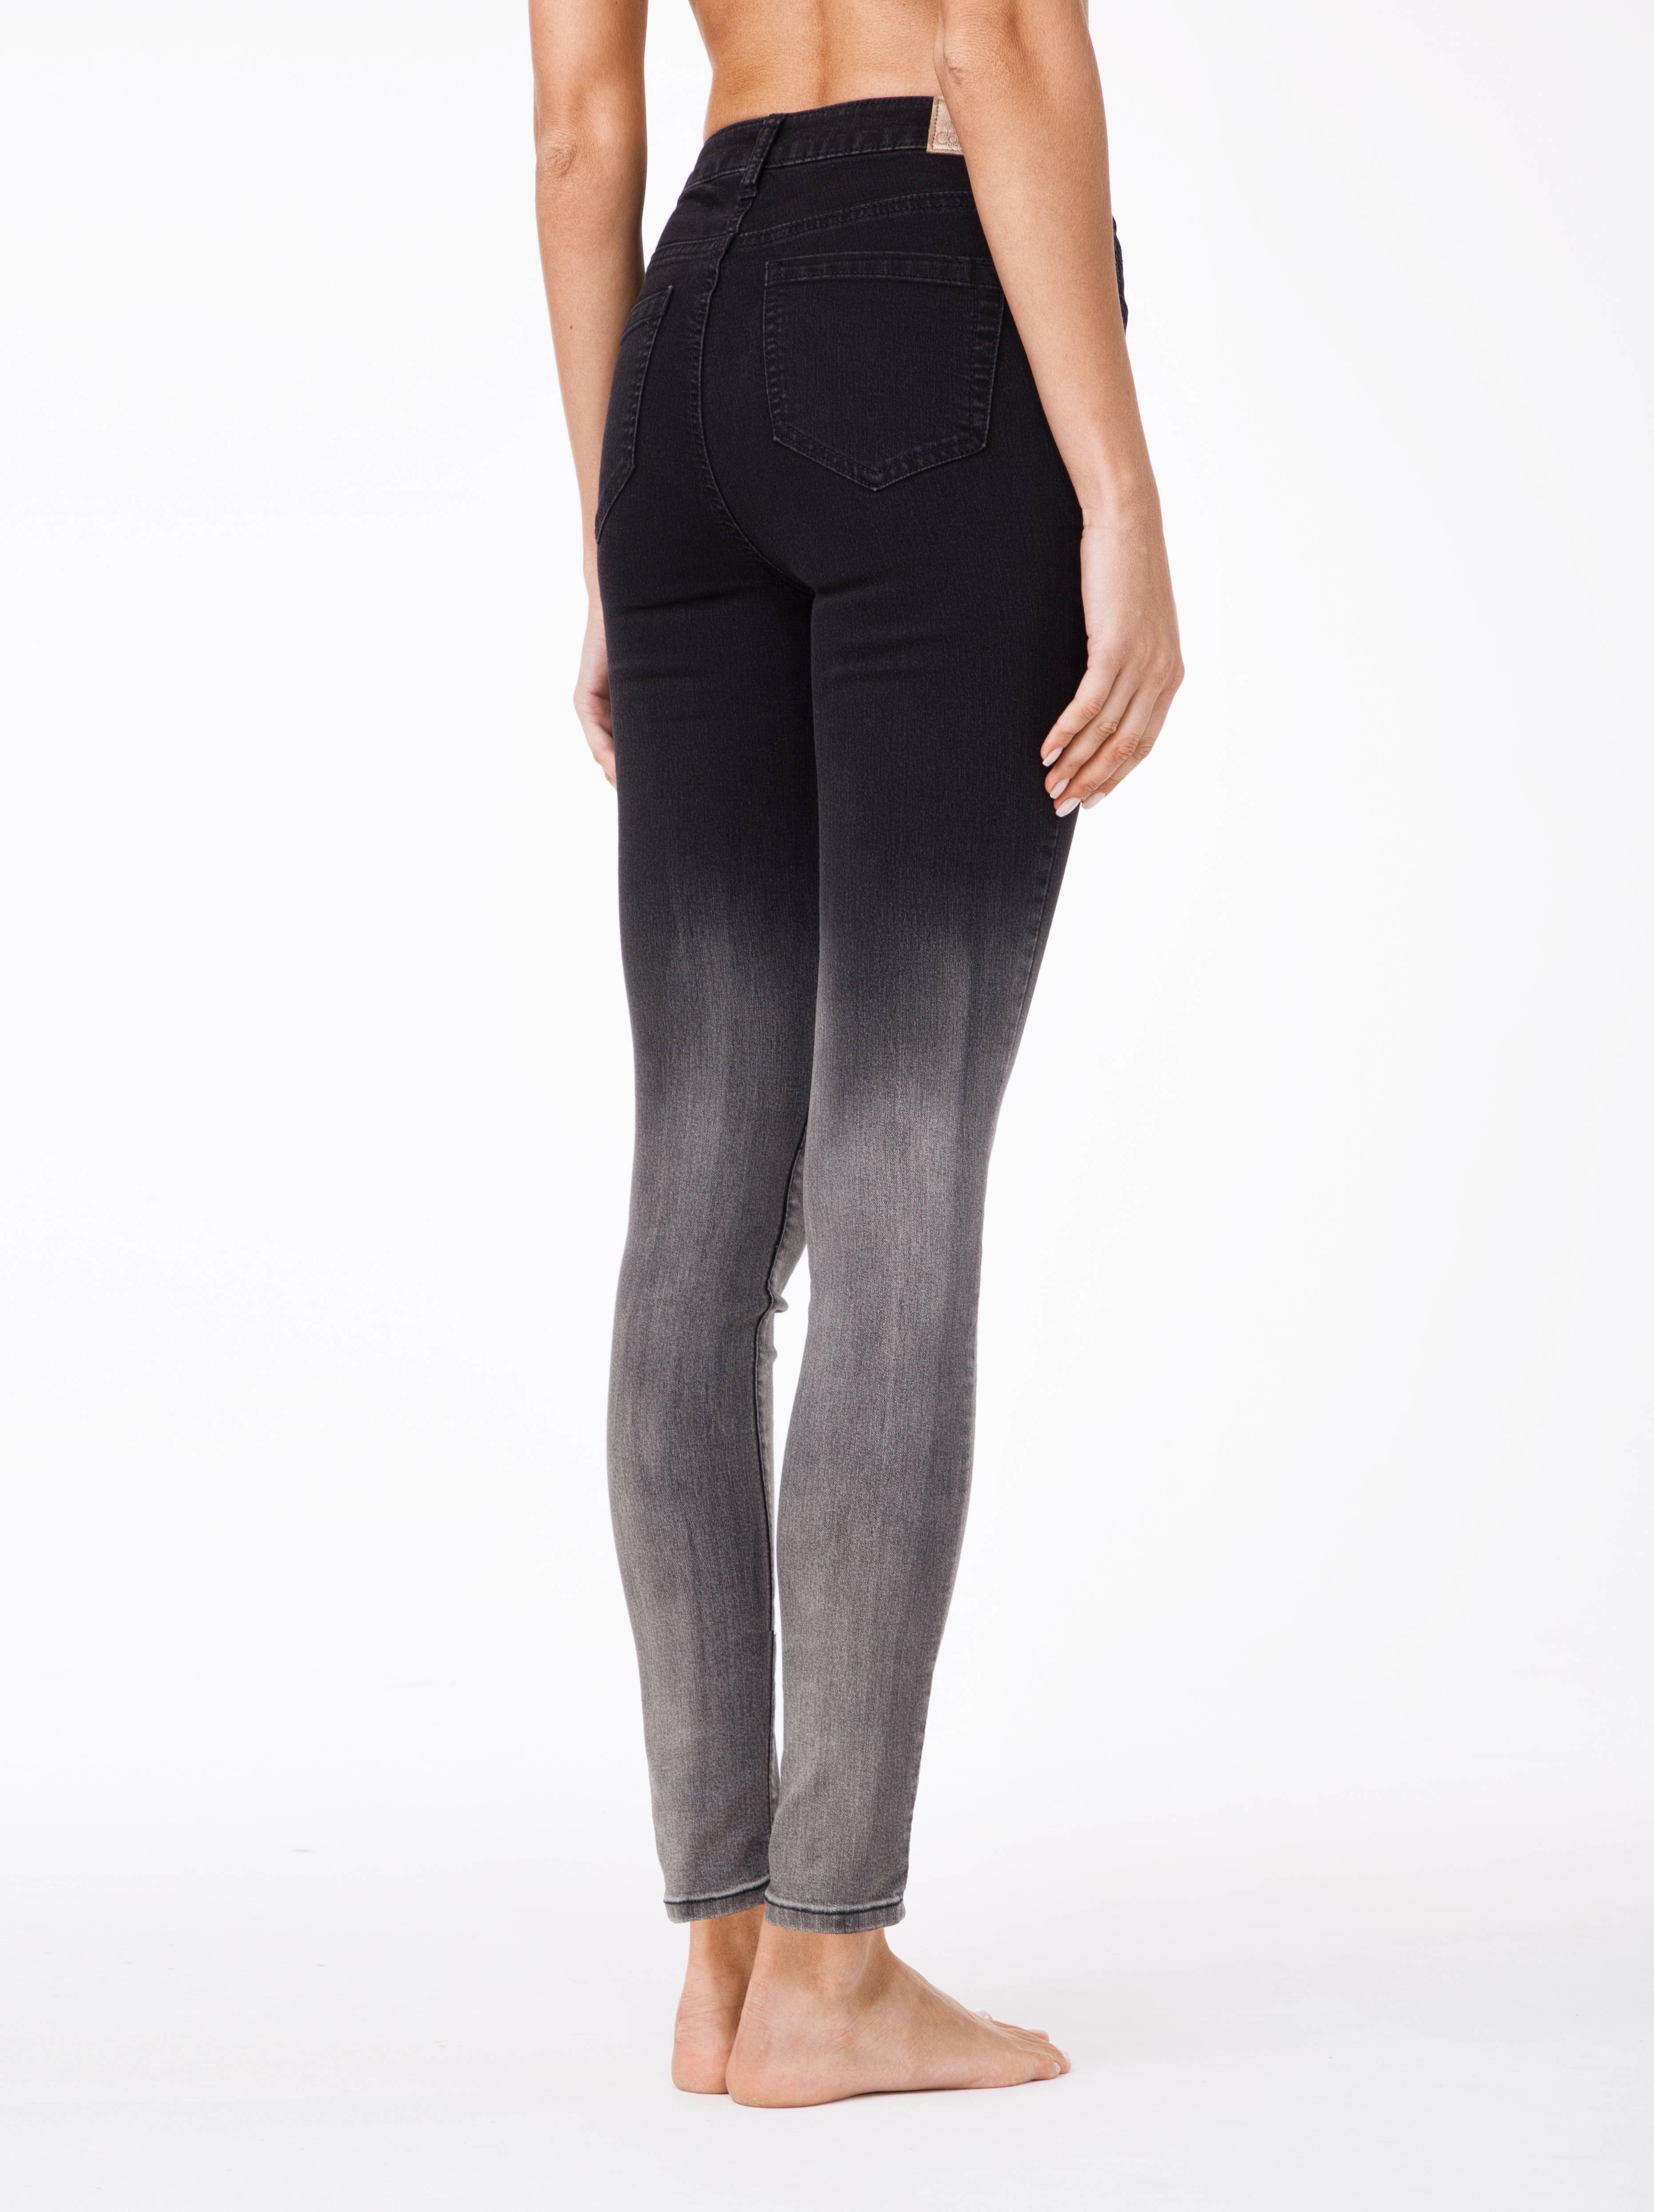 Фото 9 - Джинсы женские fashion Conte черного цвета